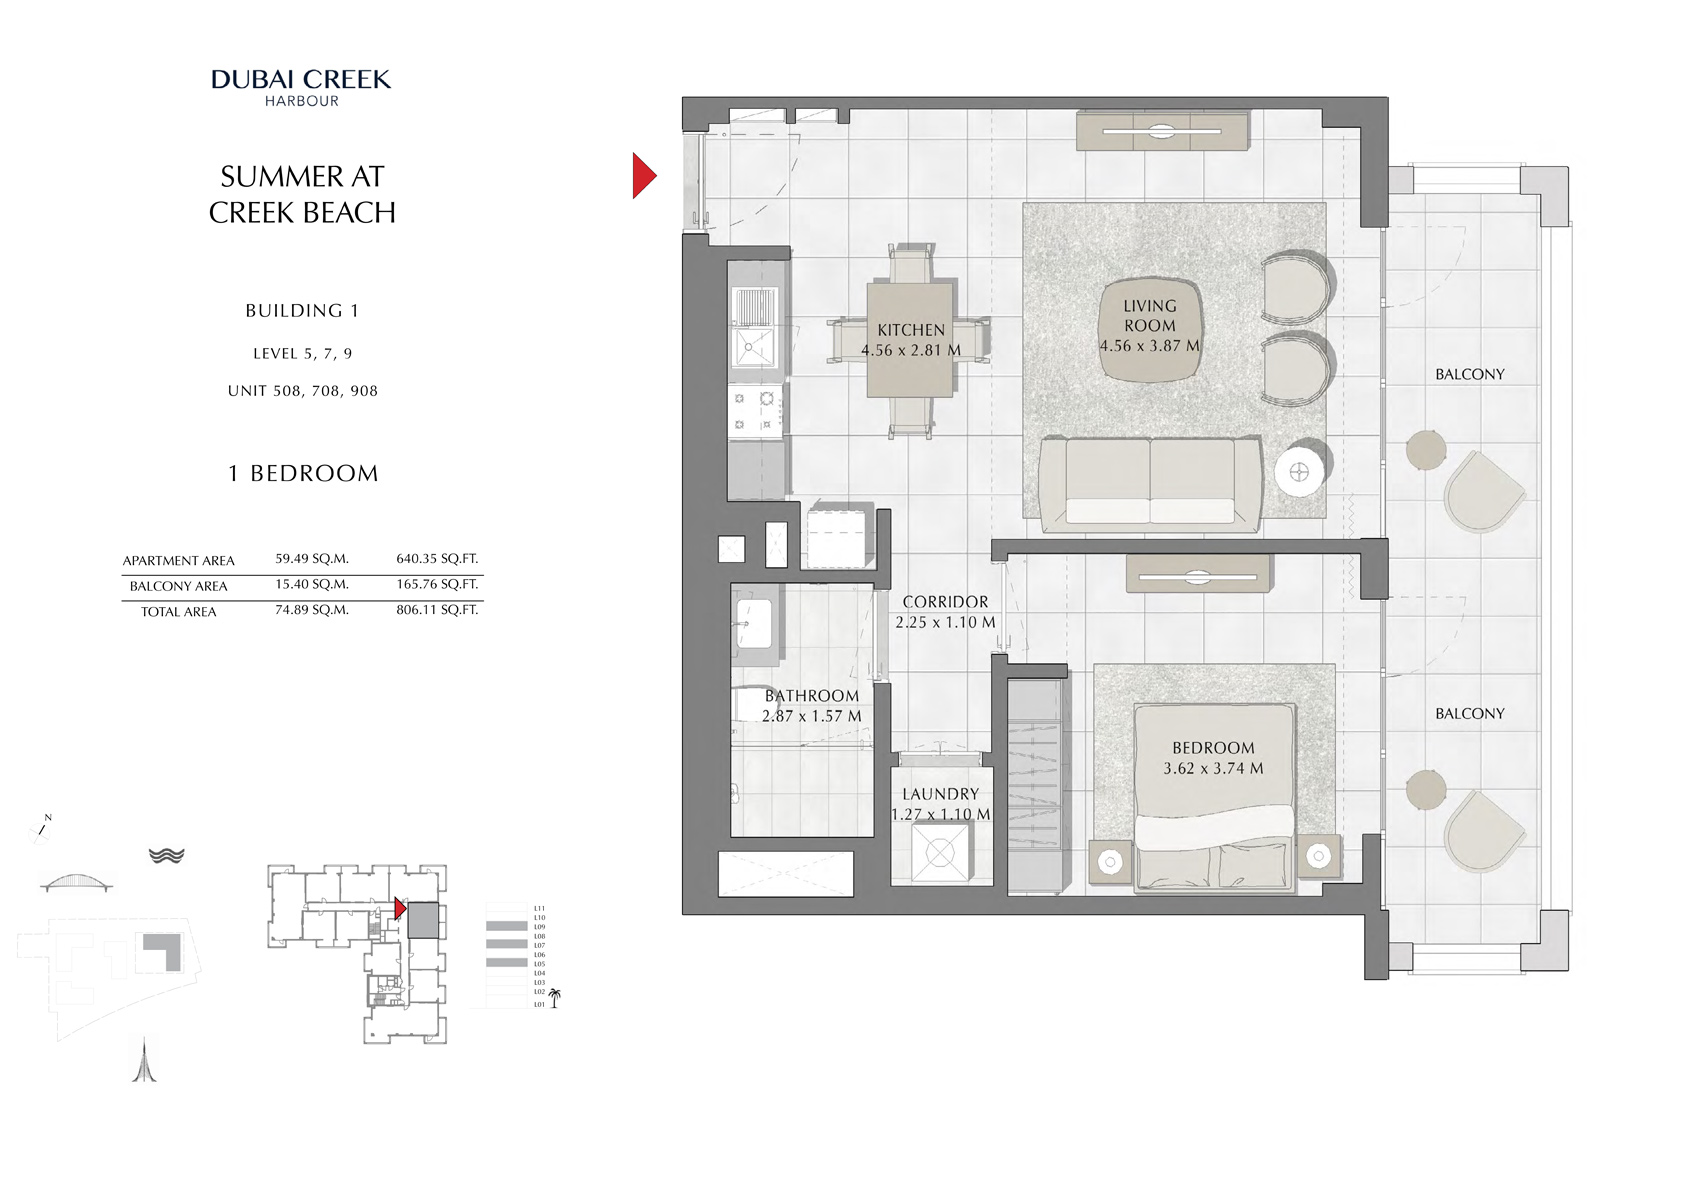 1 Br Building 1 Level-5-7-9 Unit 508-708-908, Size 806 Sq Ft